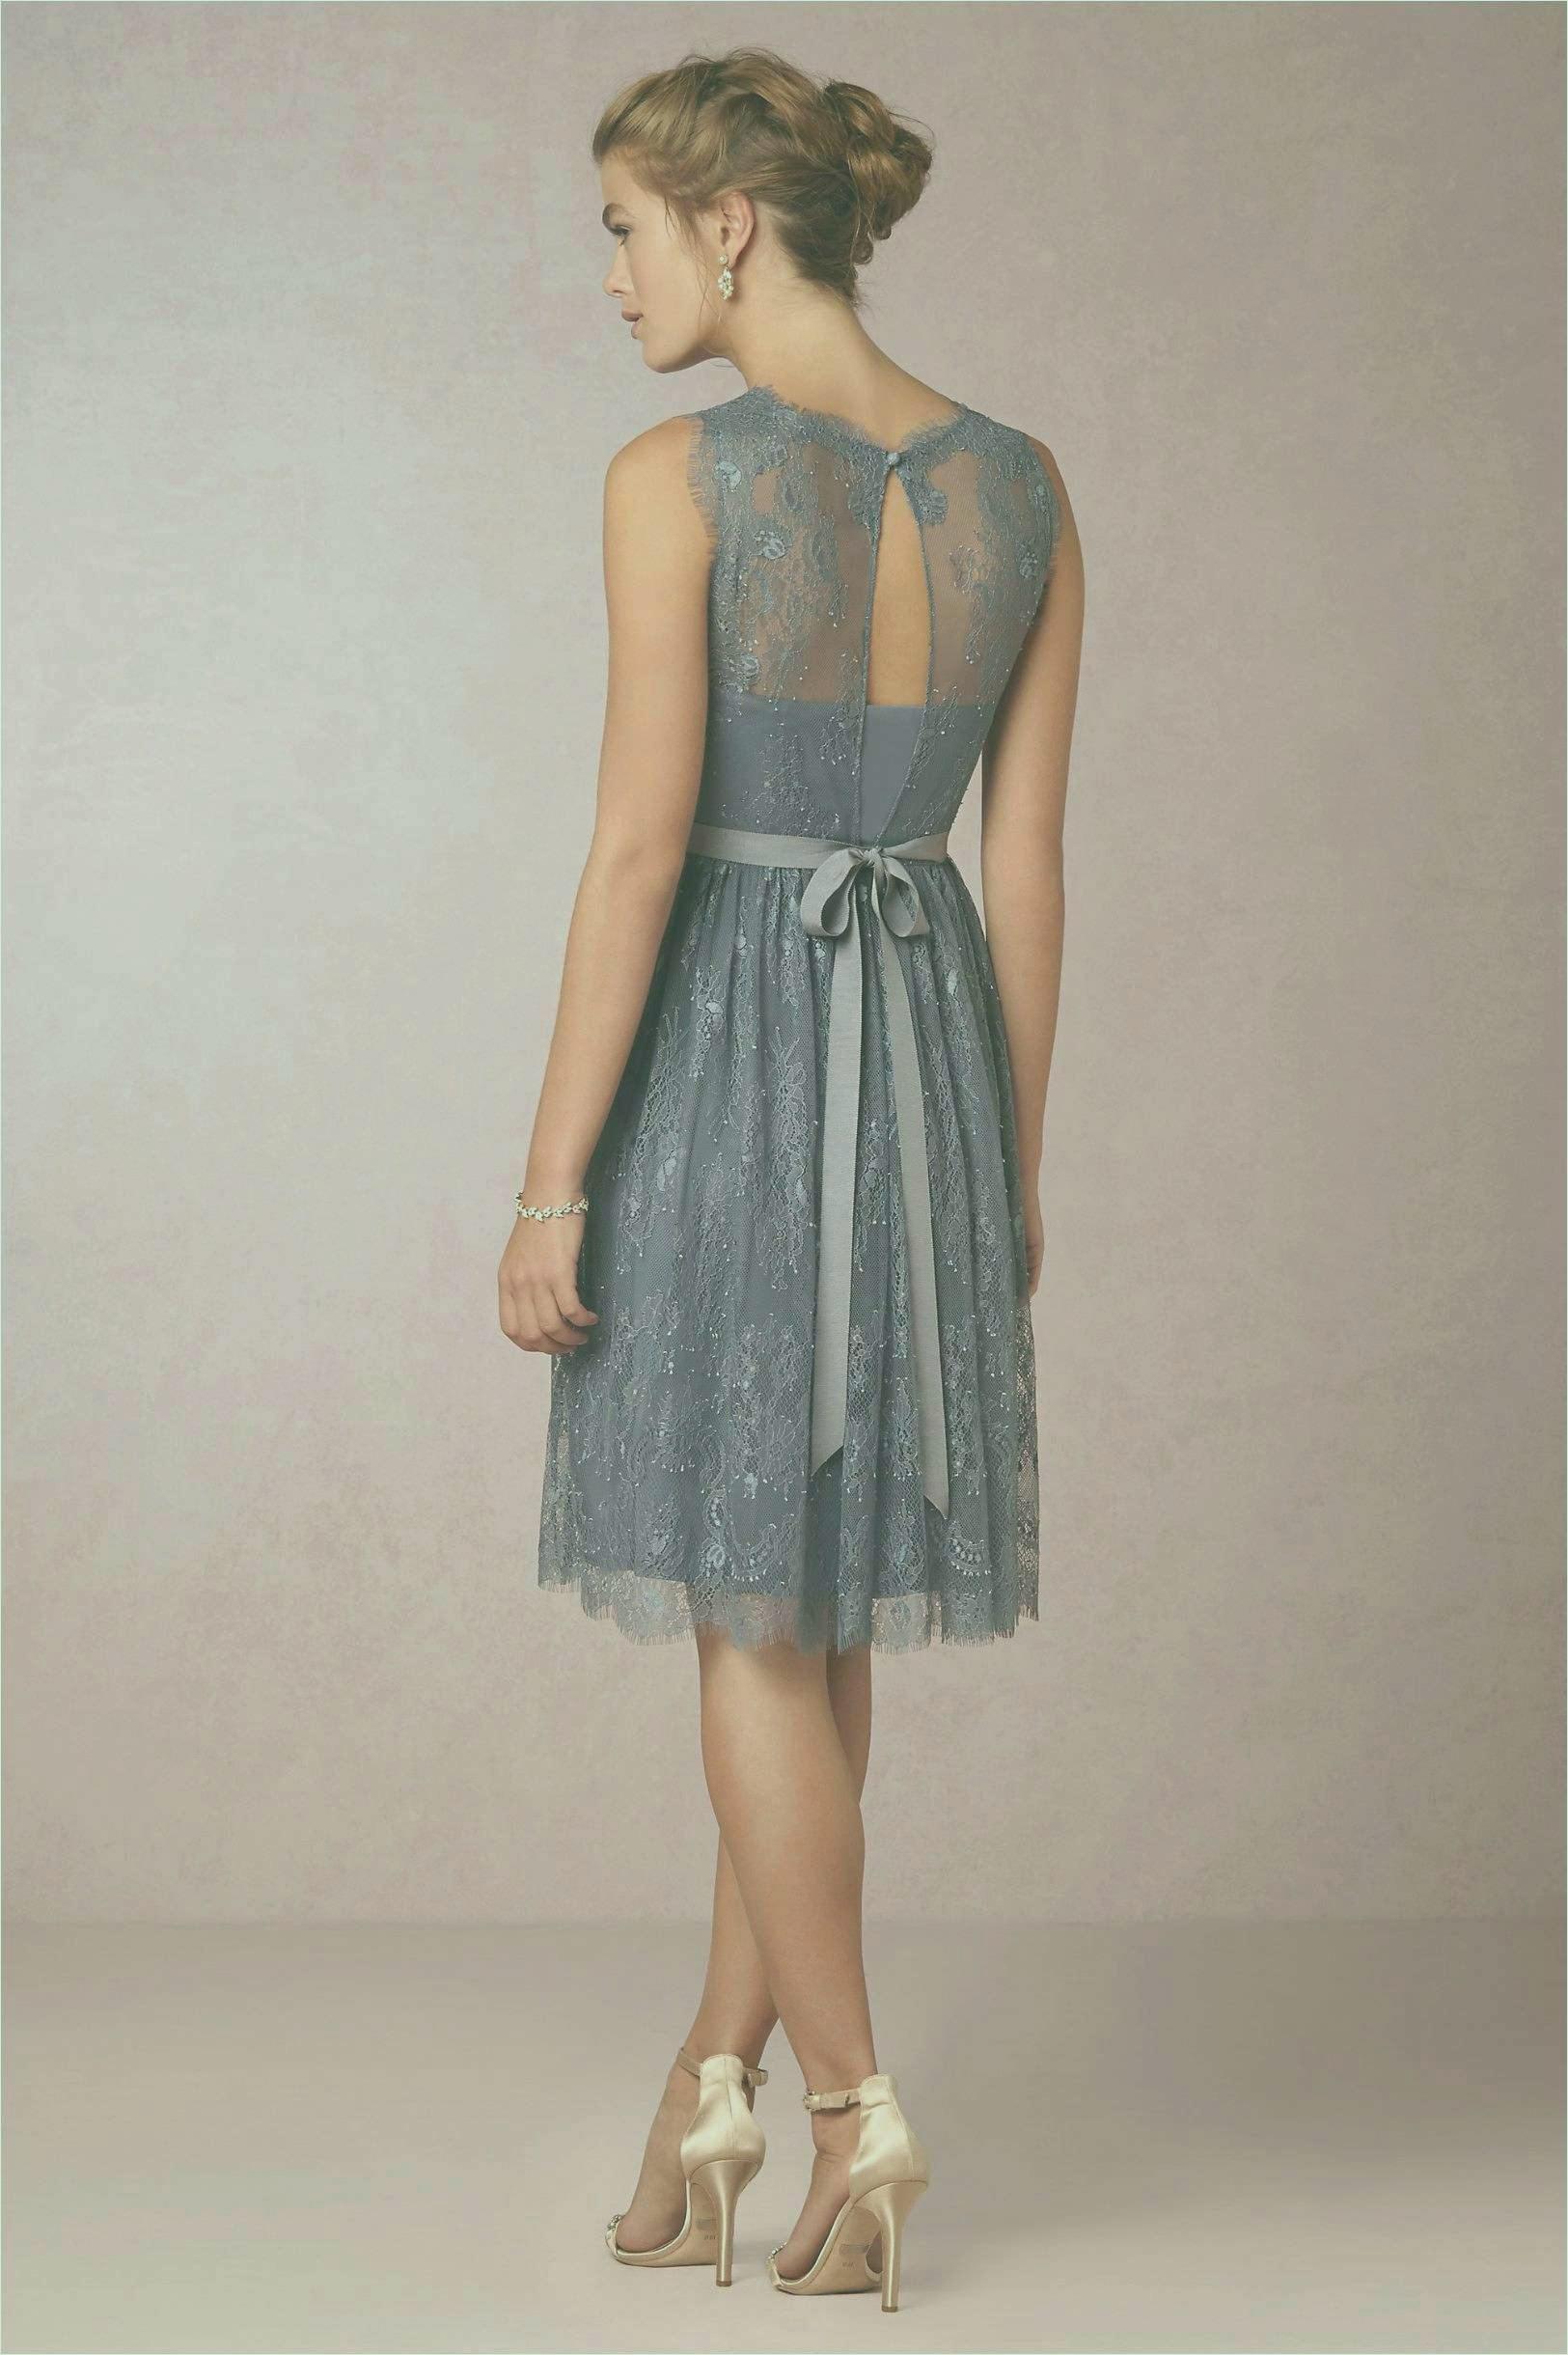 Einzigartig Damen Kleider Knielang Festlich SpezialgebietDesigner Ausgezeichnet Damen Kleider Knielang Festlich Vertrieb